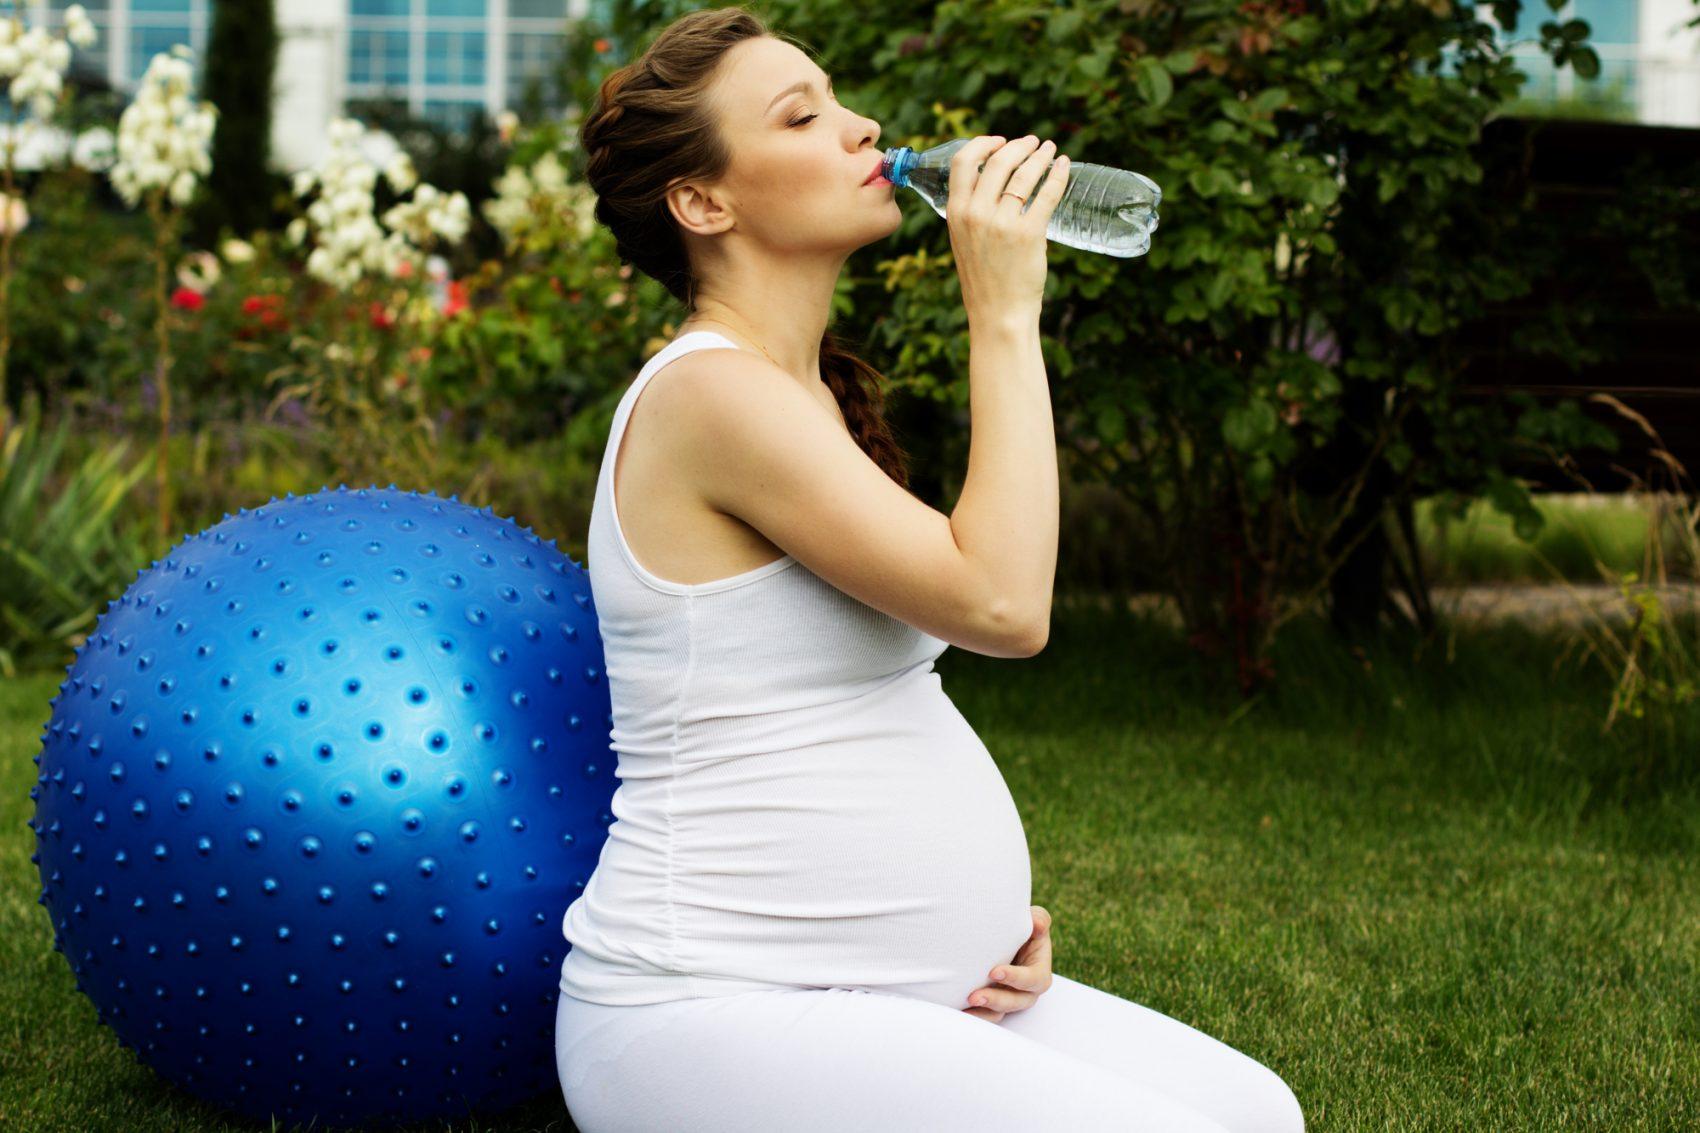 acqua in gravidanza